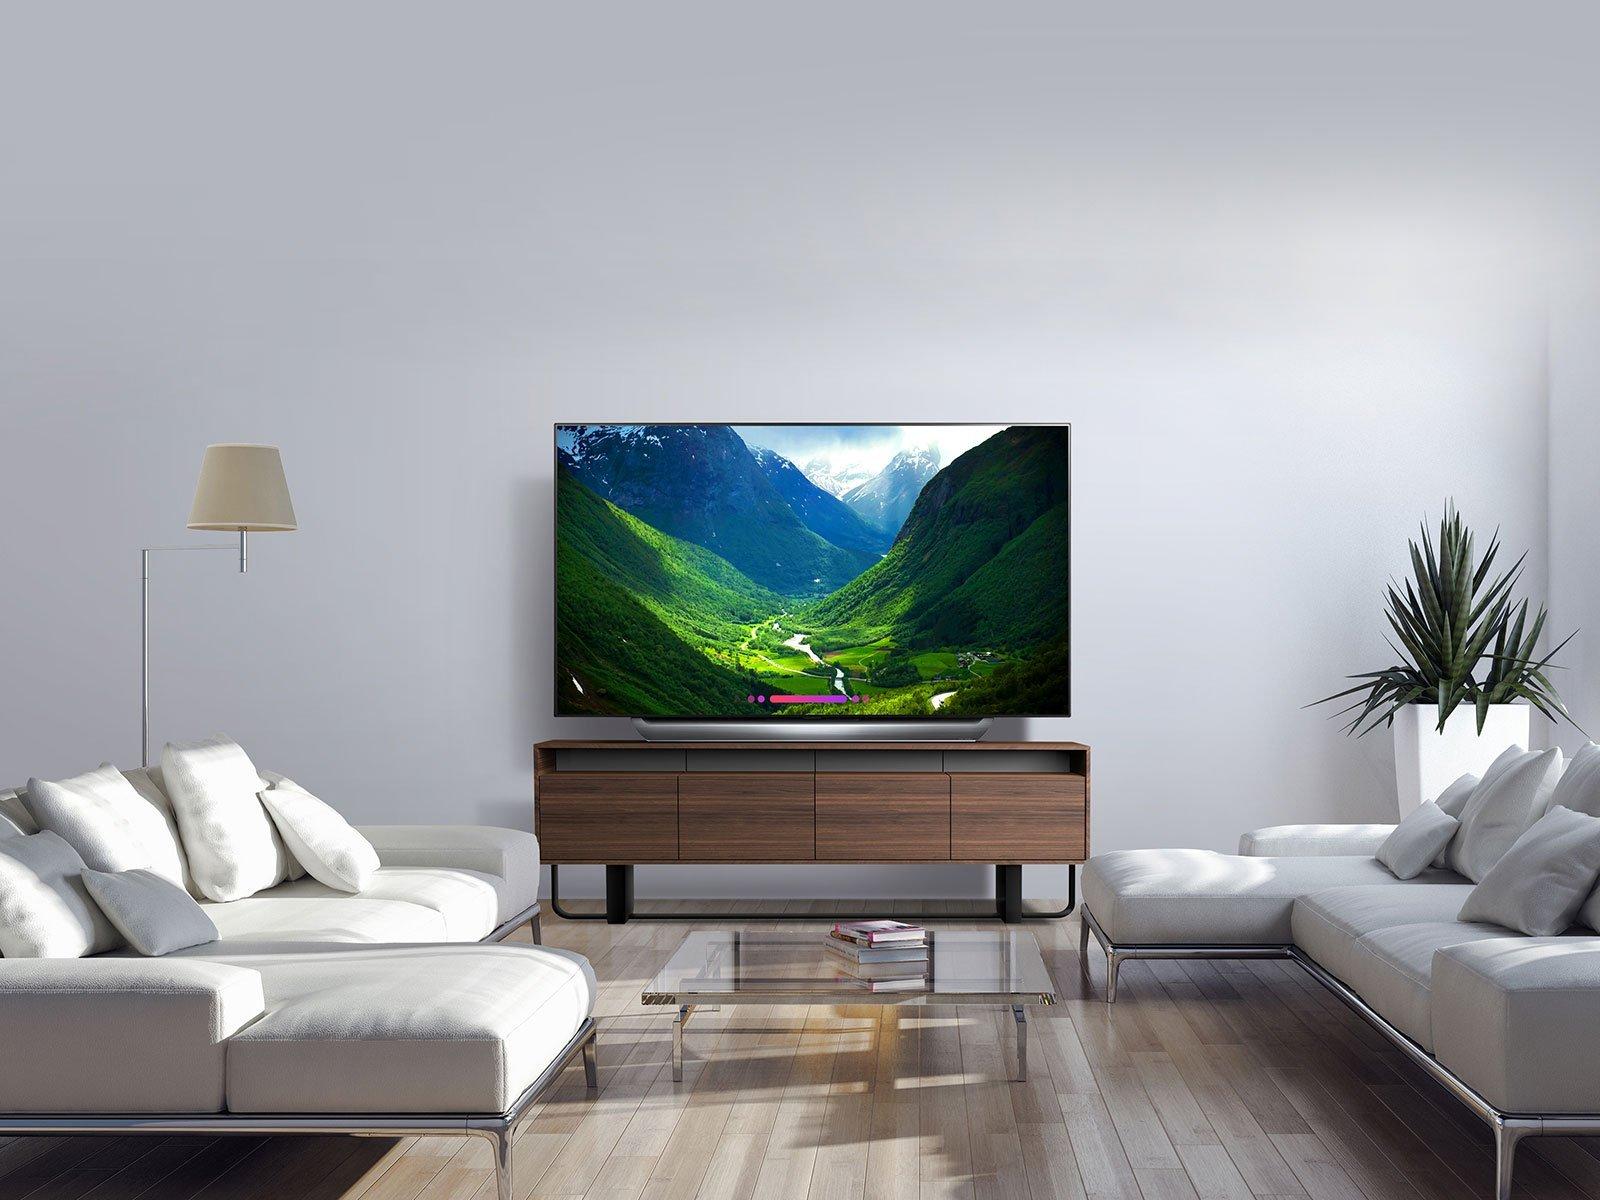 تلفاز إل جي C8 SERIES 4K OLED